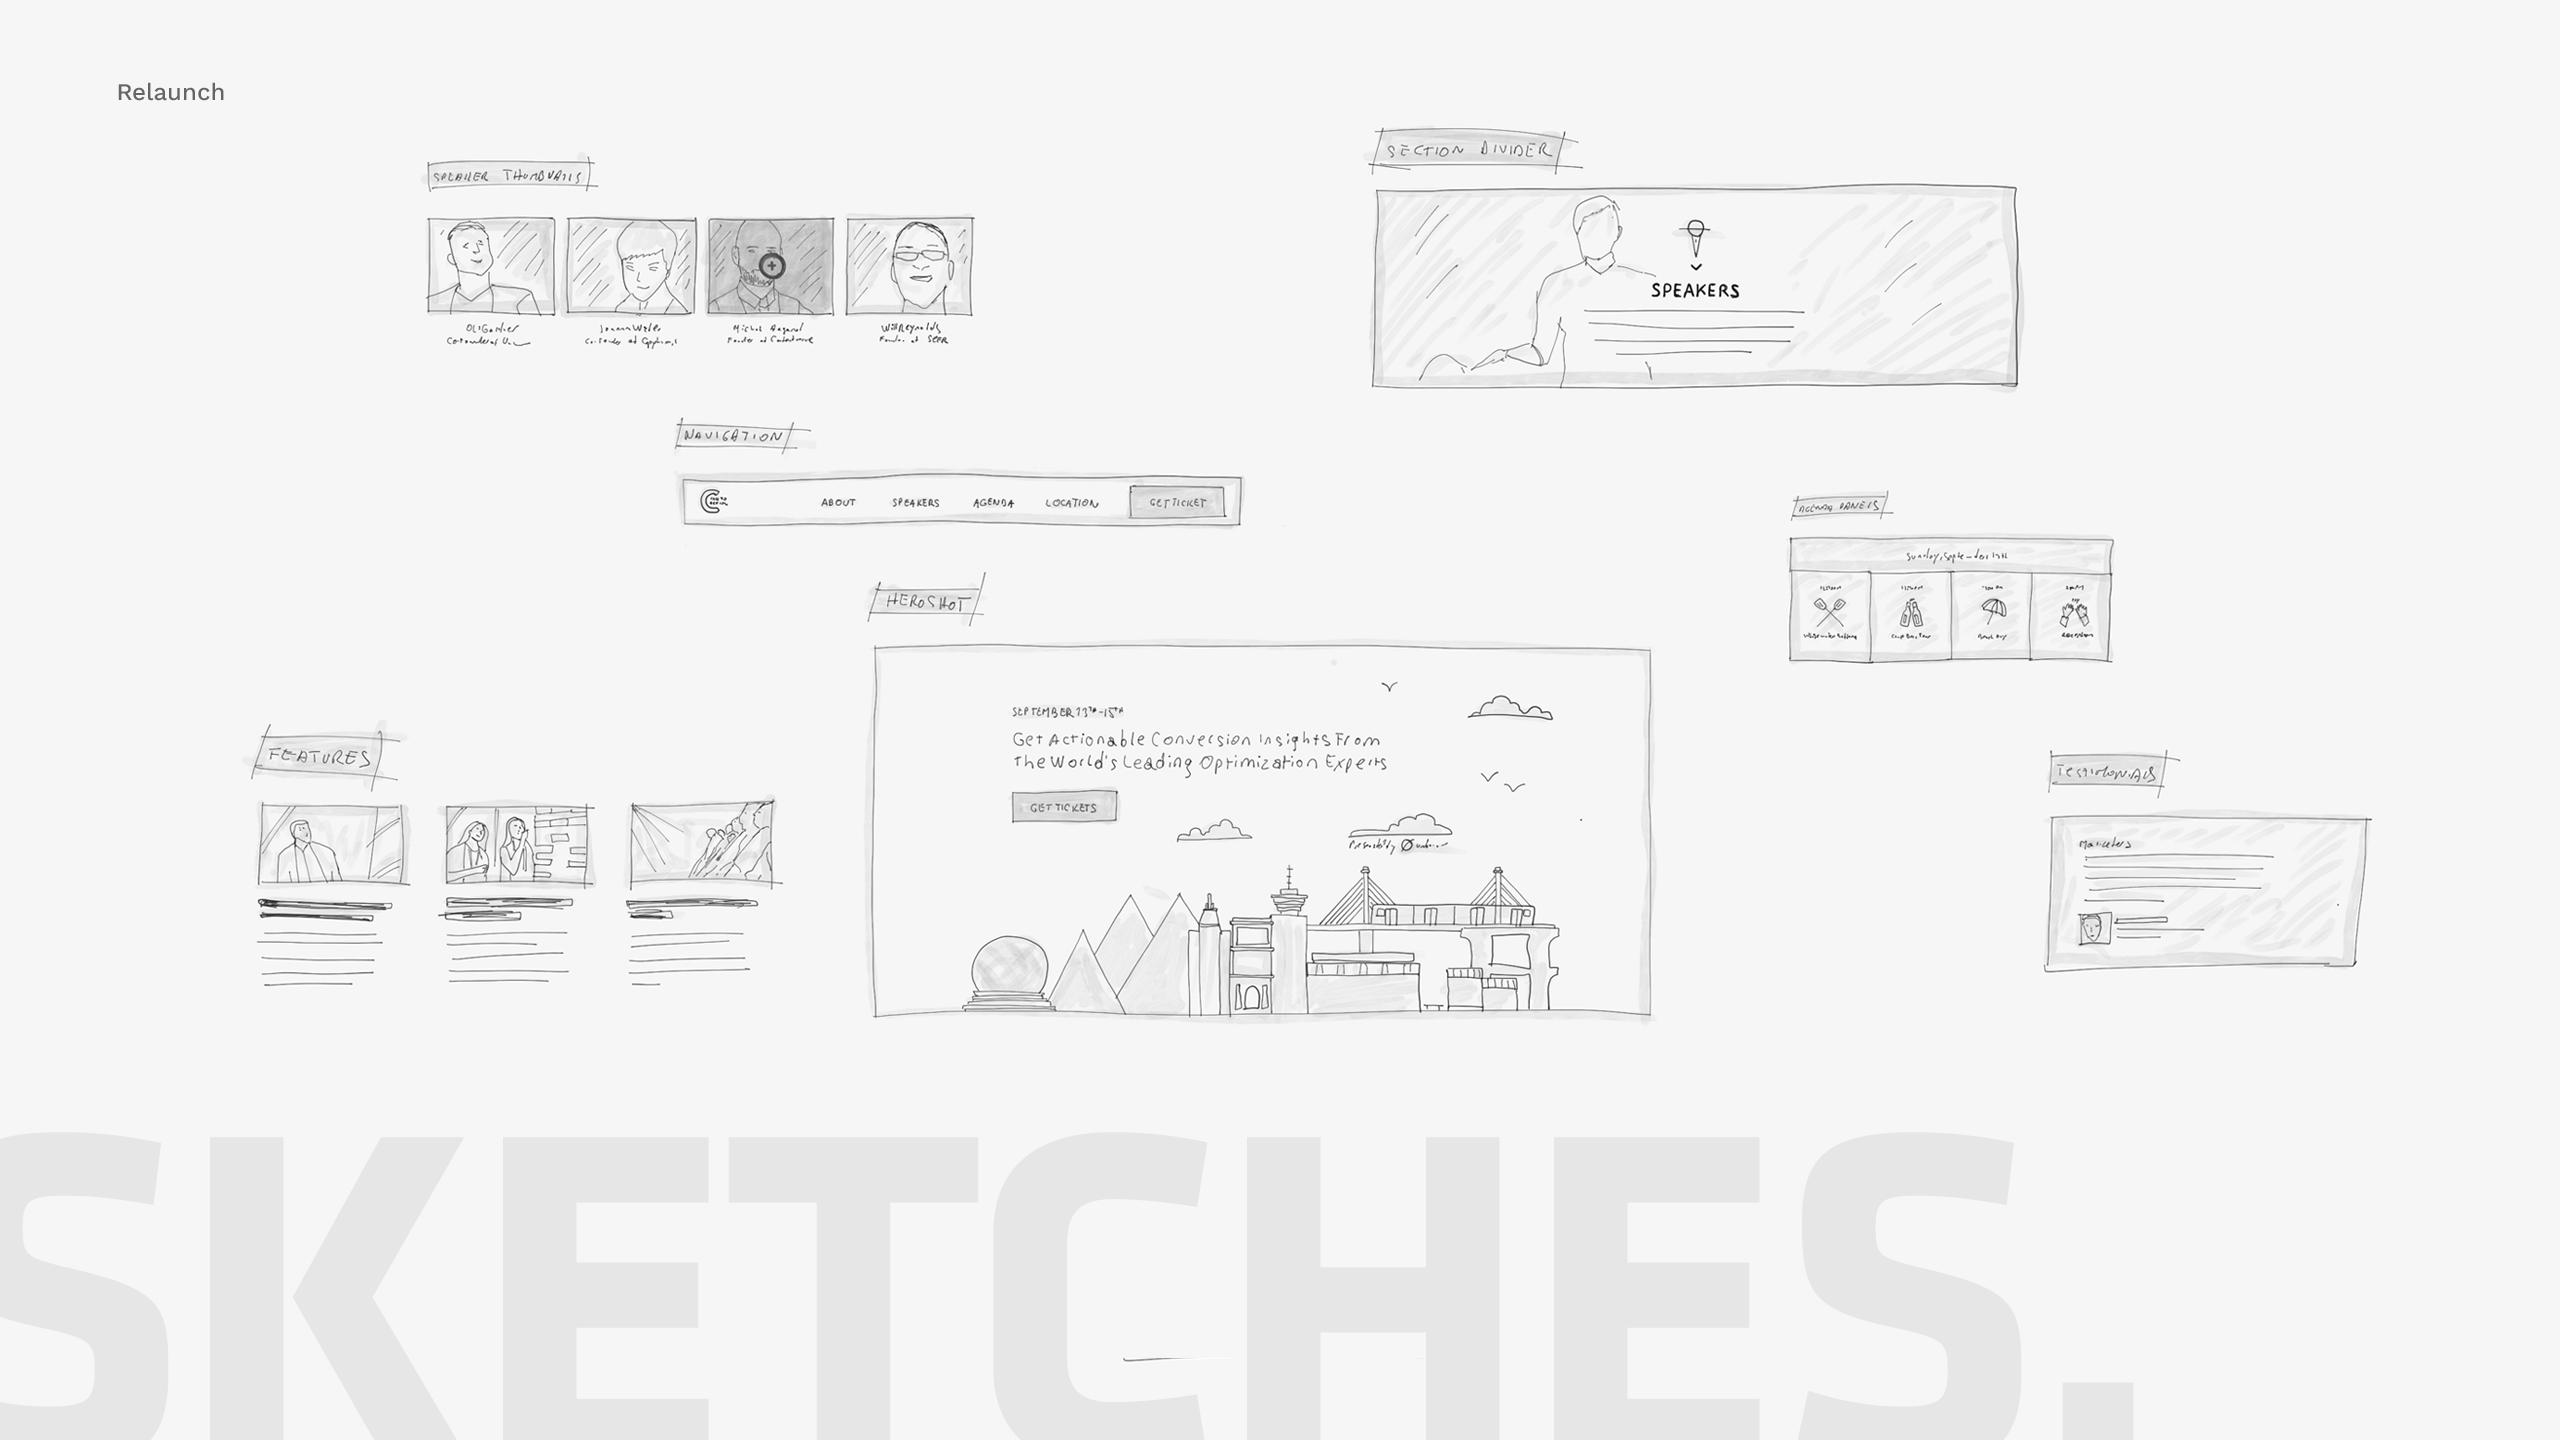 cta-conf-sketches-01